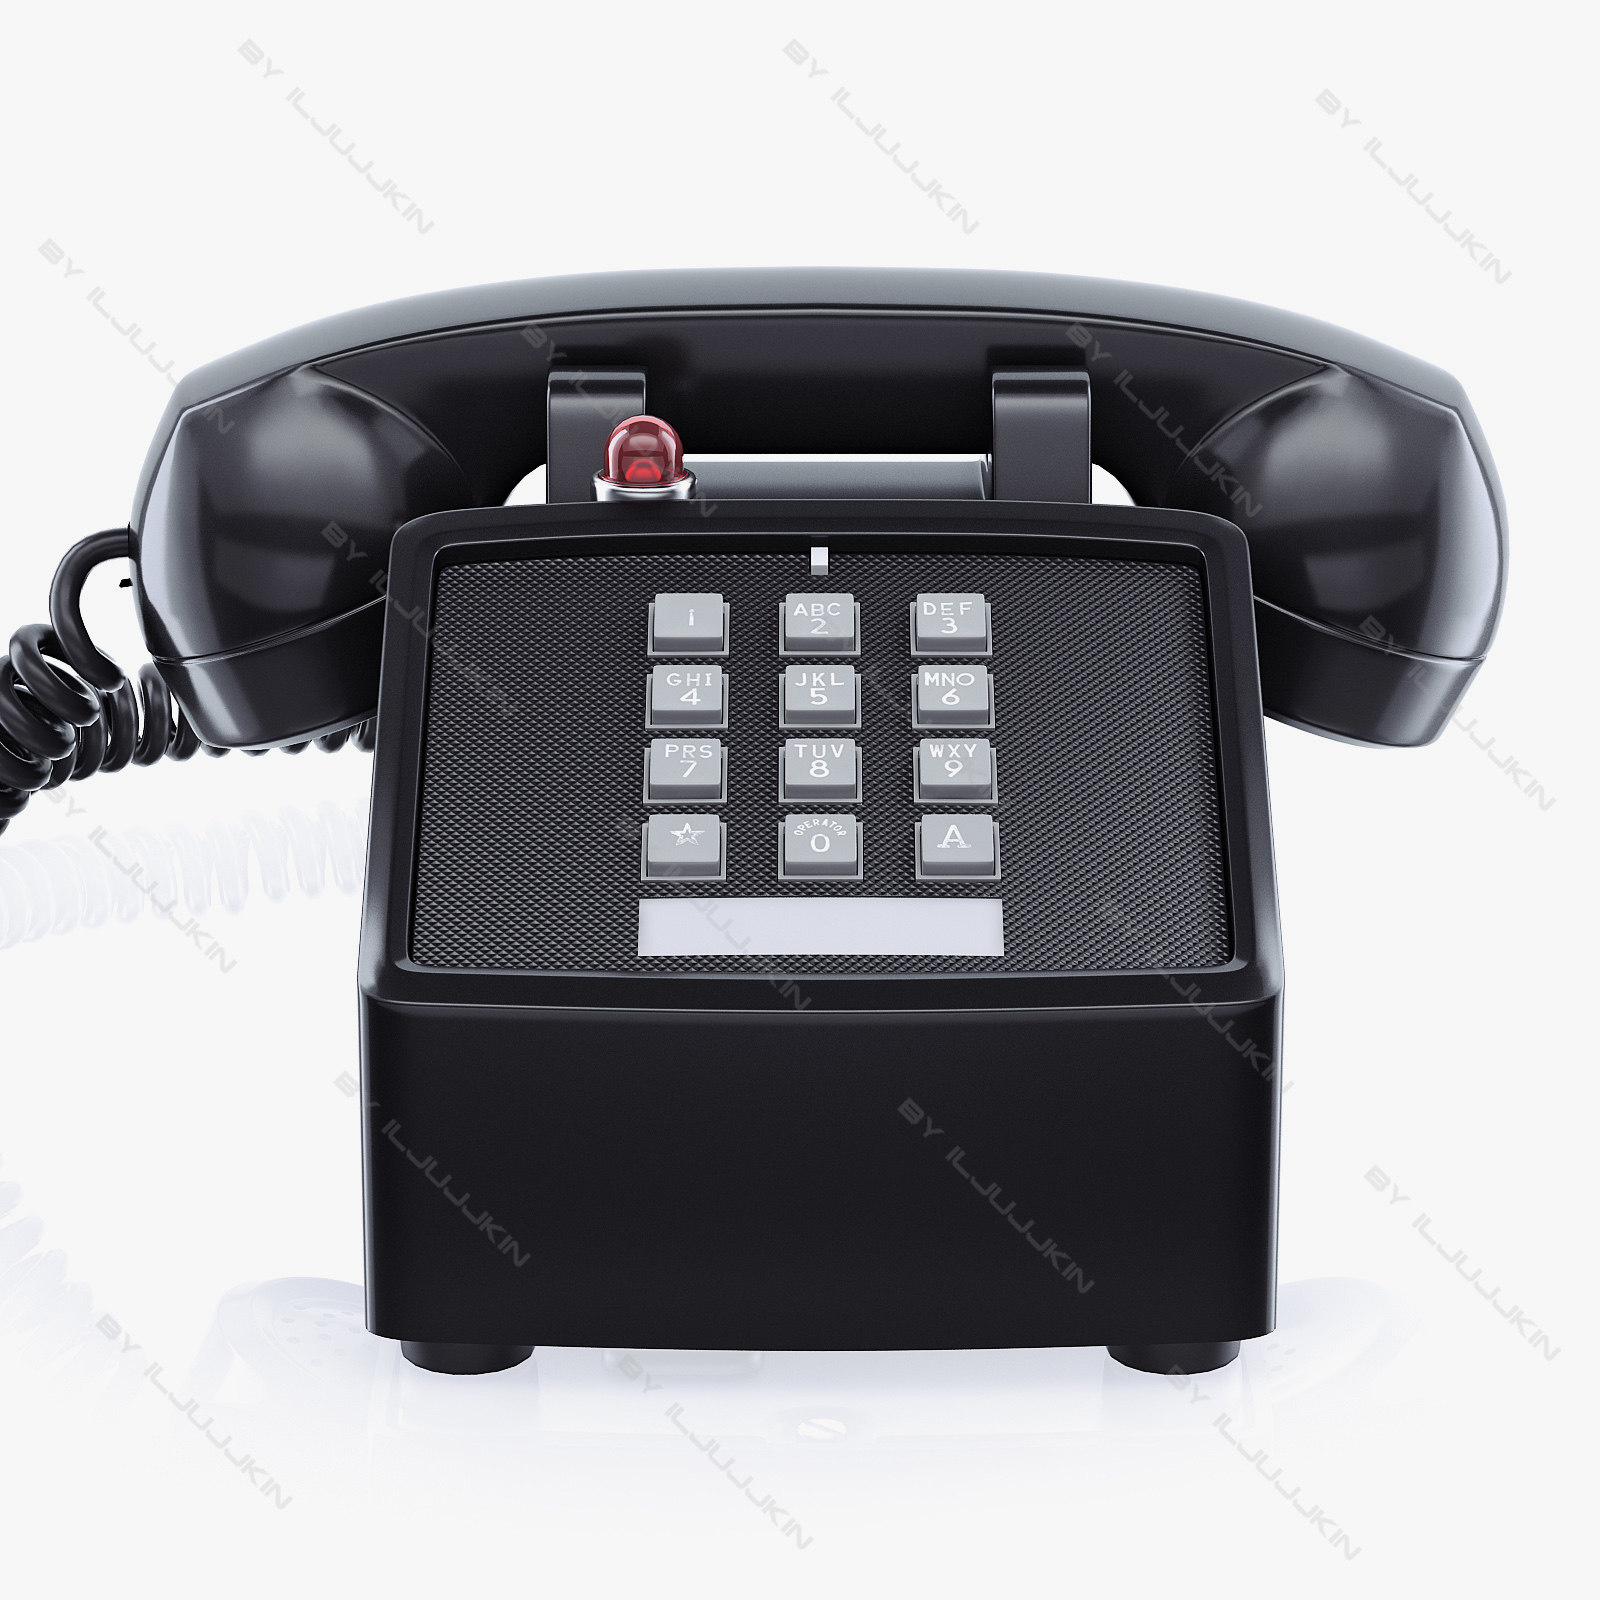 Retro_Phone_key_01.jpg